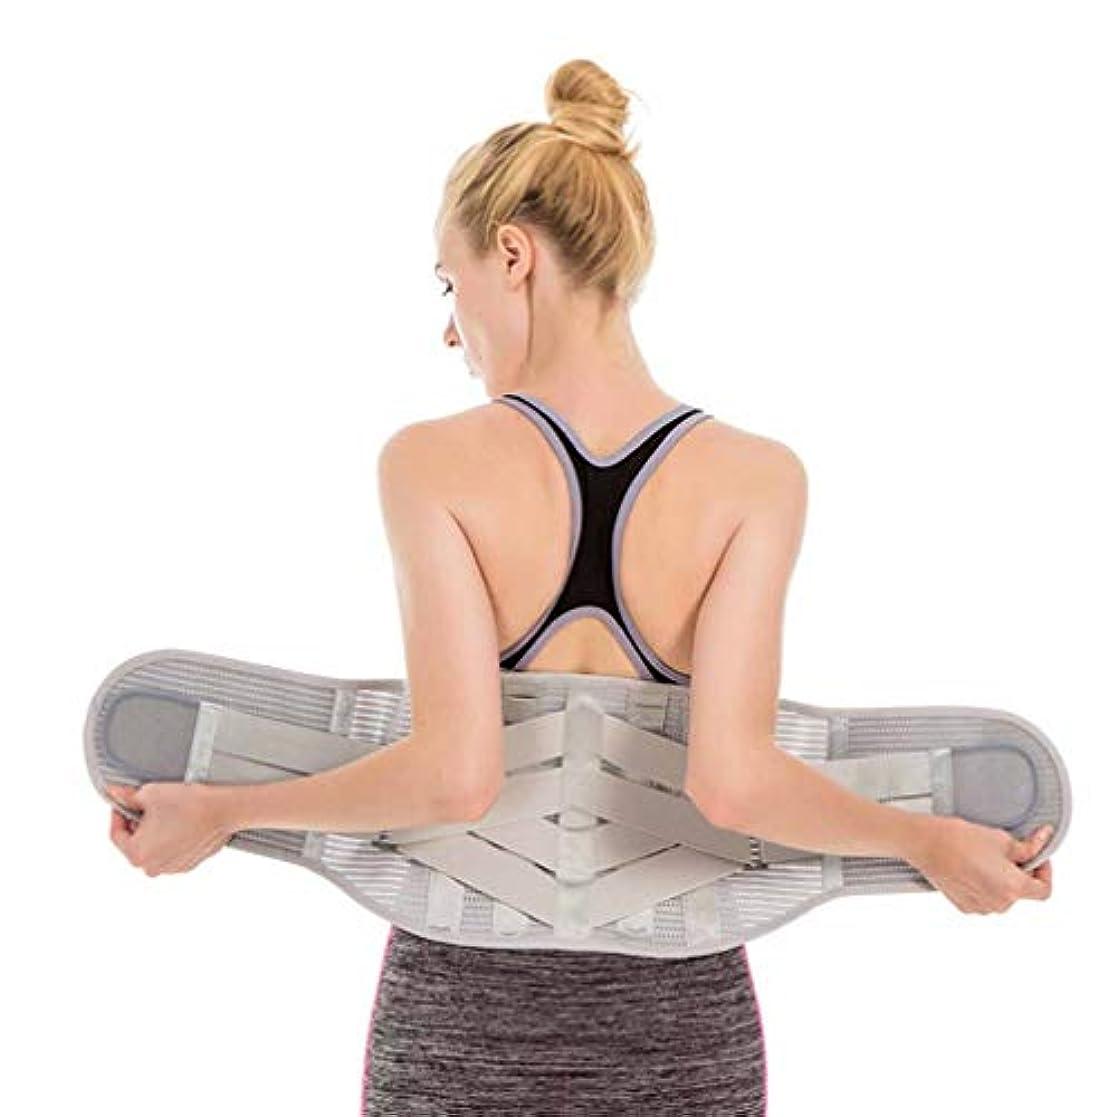 判決クリエイティブスピーチ保温性のある腰部調節可能なサポートバックベルトブレースの痛みを軽減するセルフヒート-Rustle666